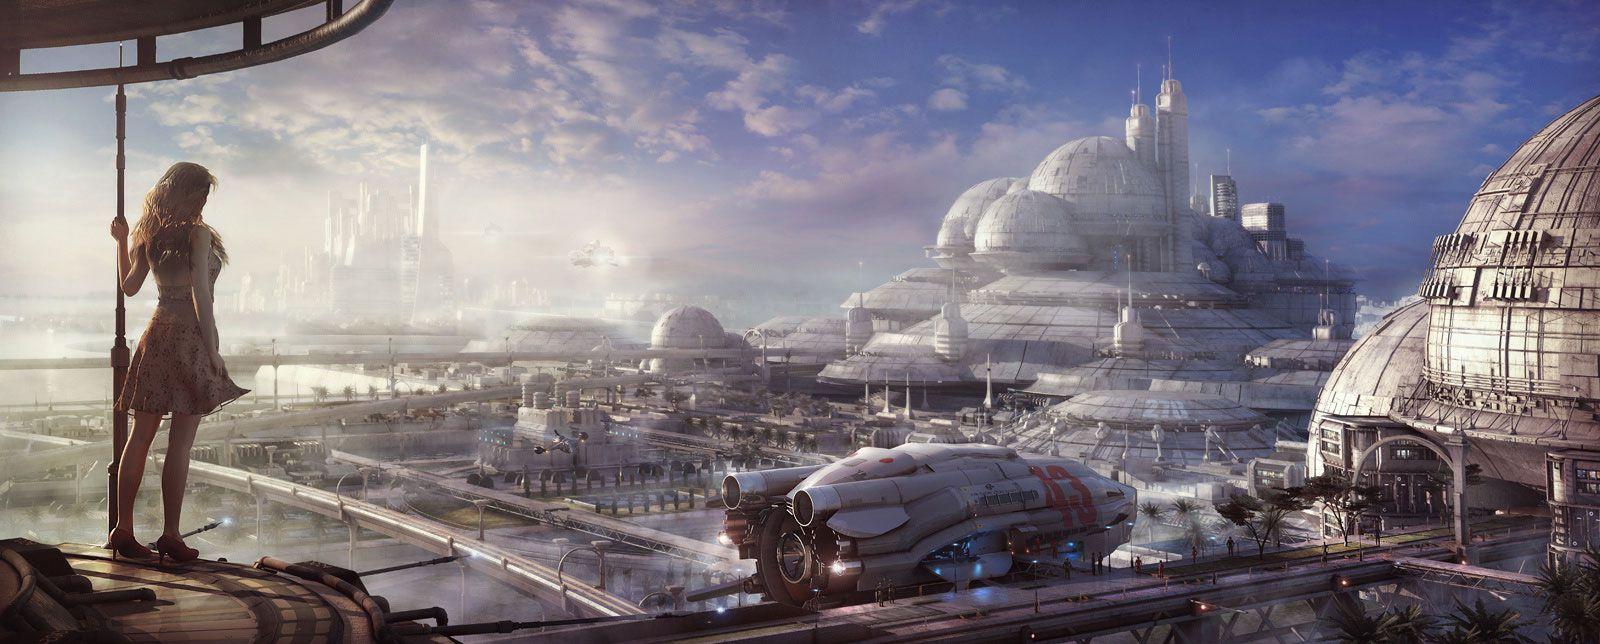 Перше космічне царство готується колонізувати галактику